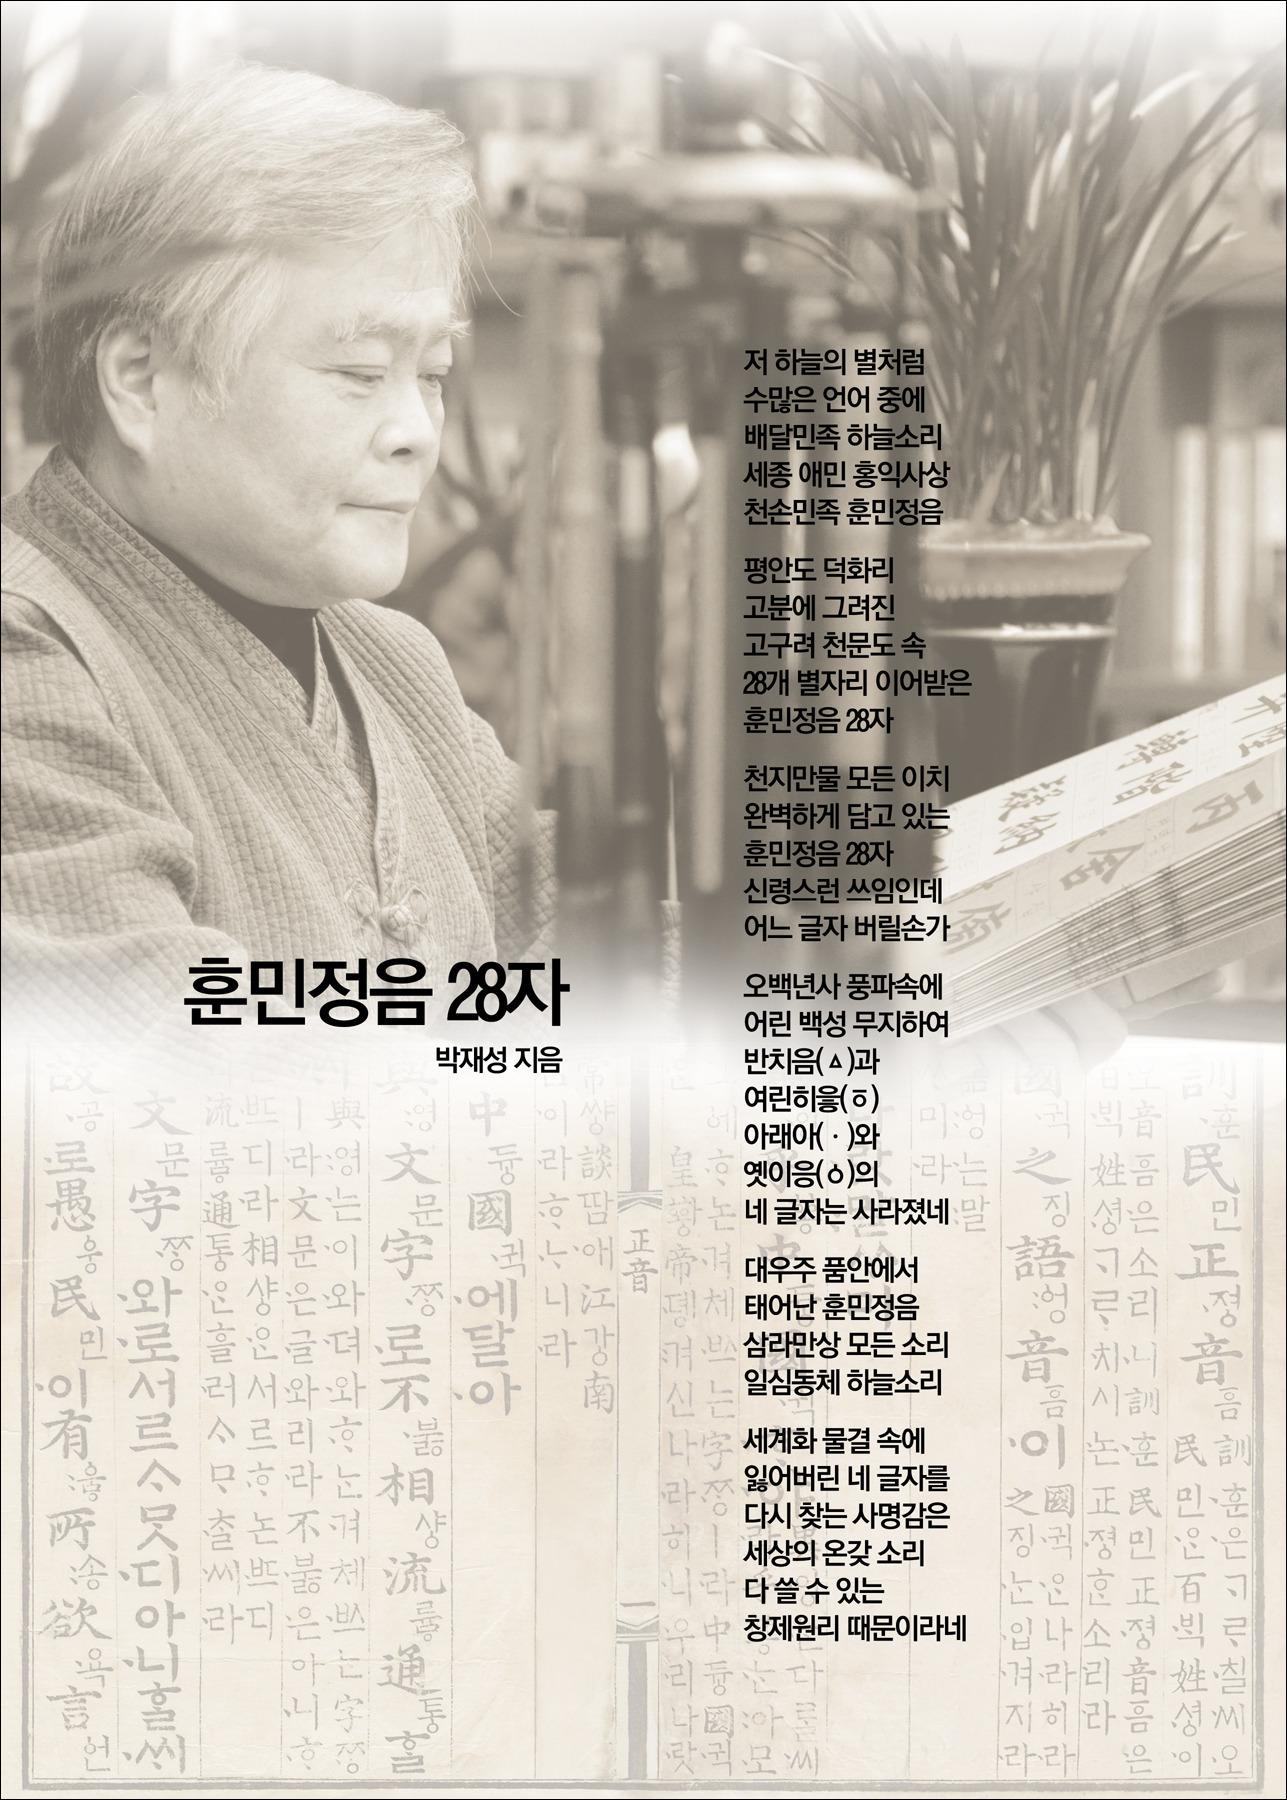 사)한중문자문화교류협회(박재성 회장), '훈민정음 28자' 한편의 시로 그려내